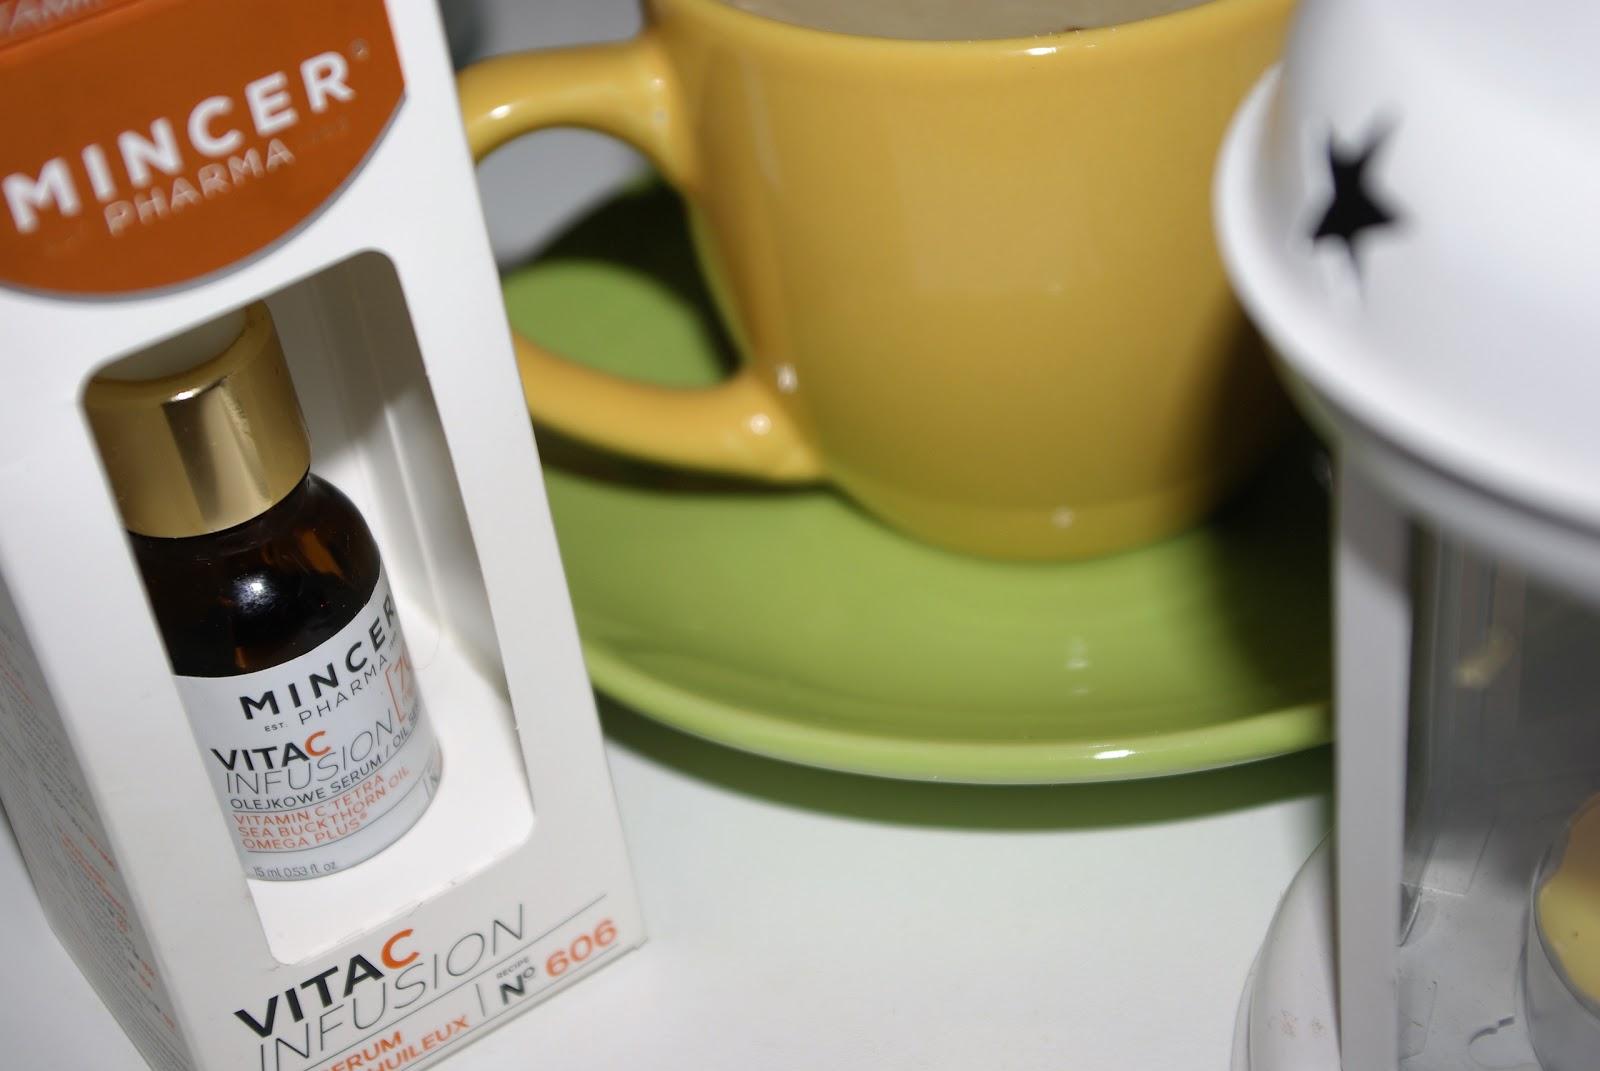 Przeciwstarzeniowe serum olejkowe - Mincer Pharma